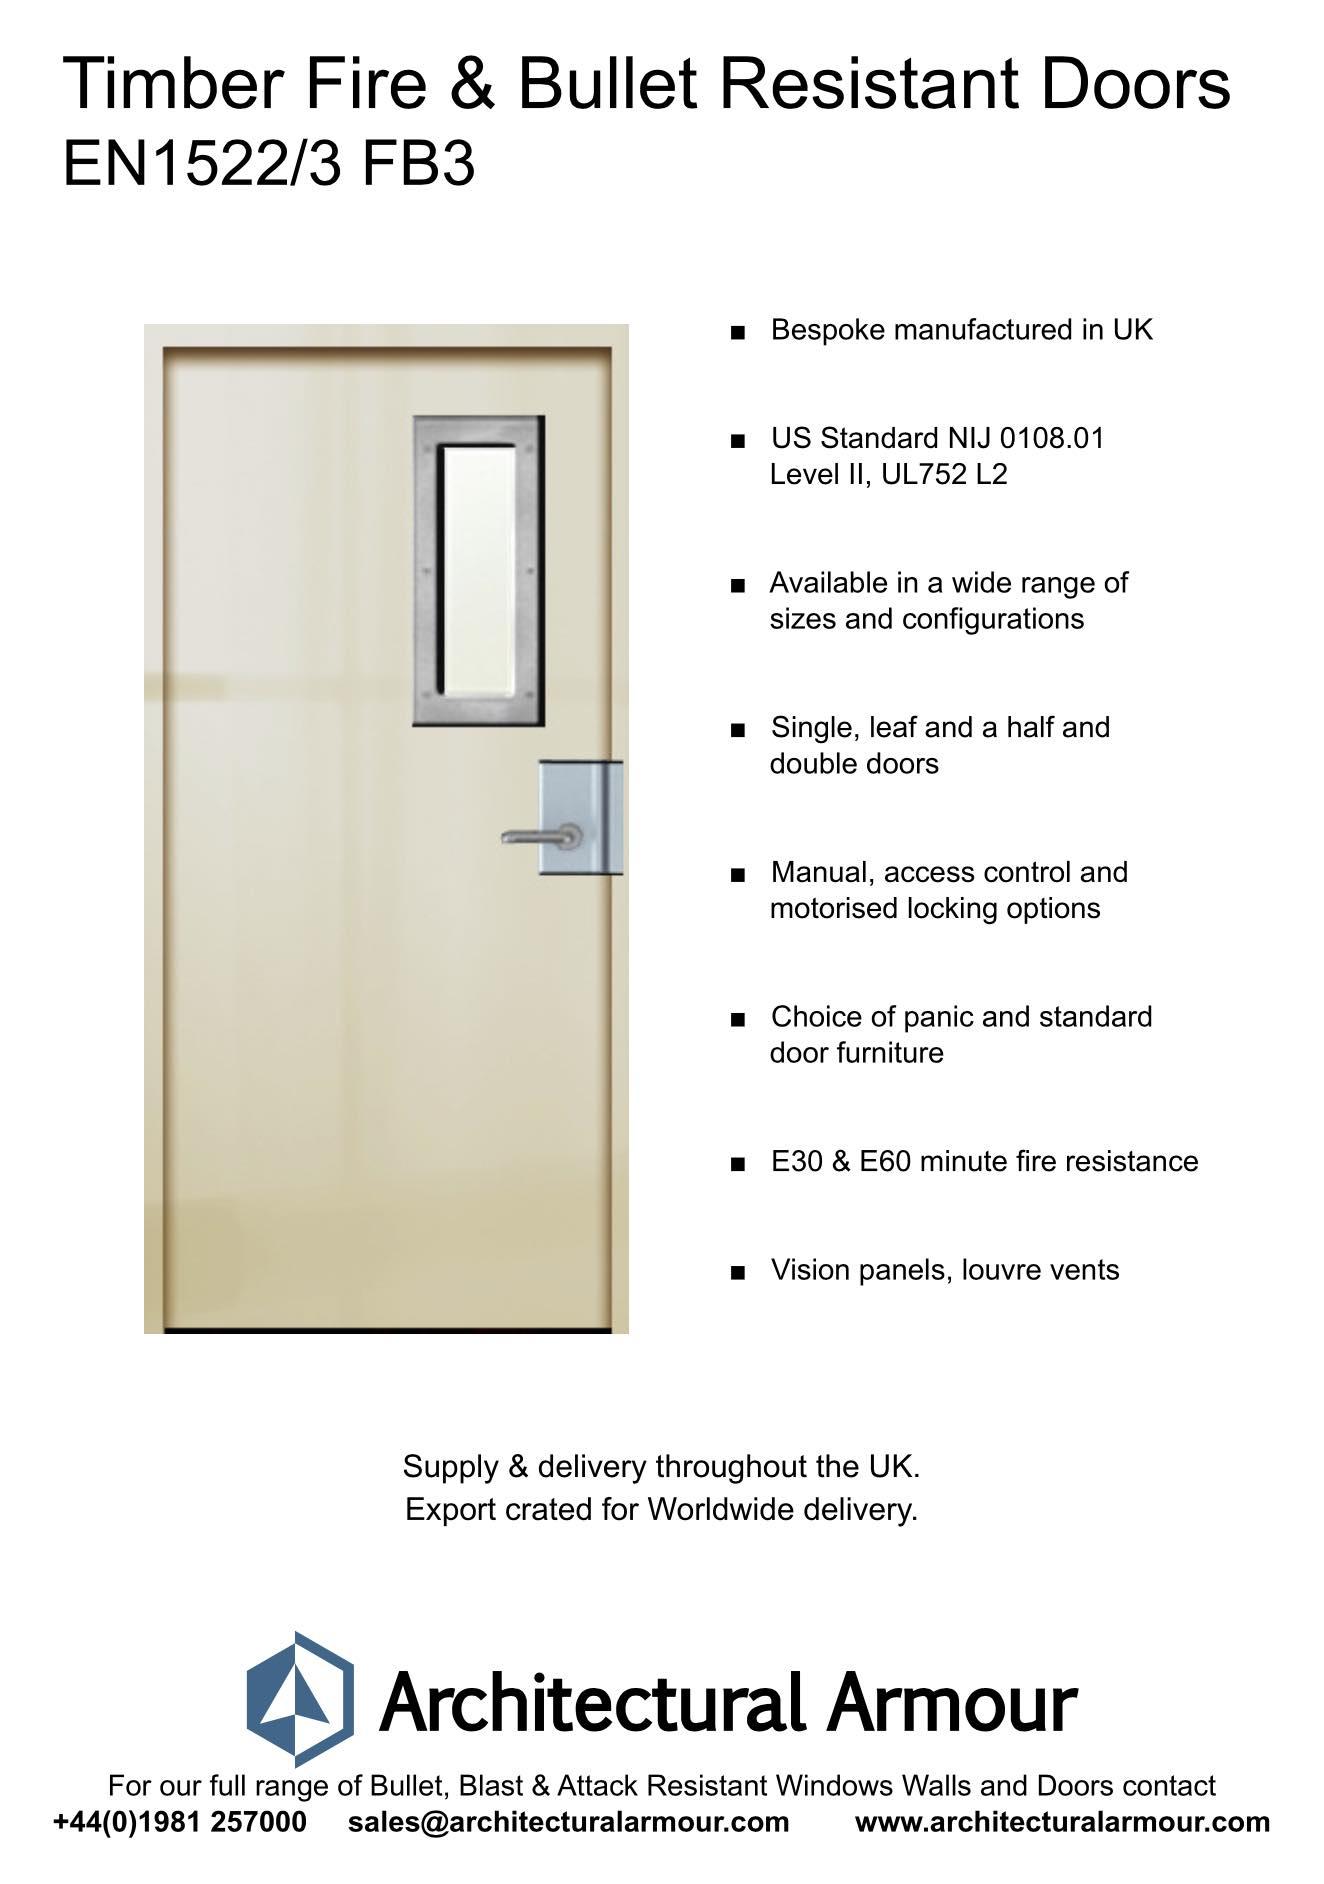 en1522/3 fb3 fire and bullet resistant door